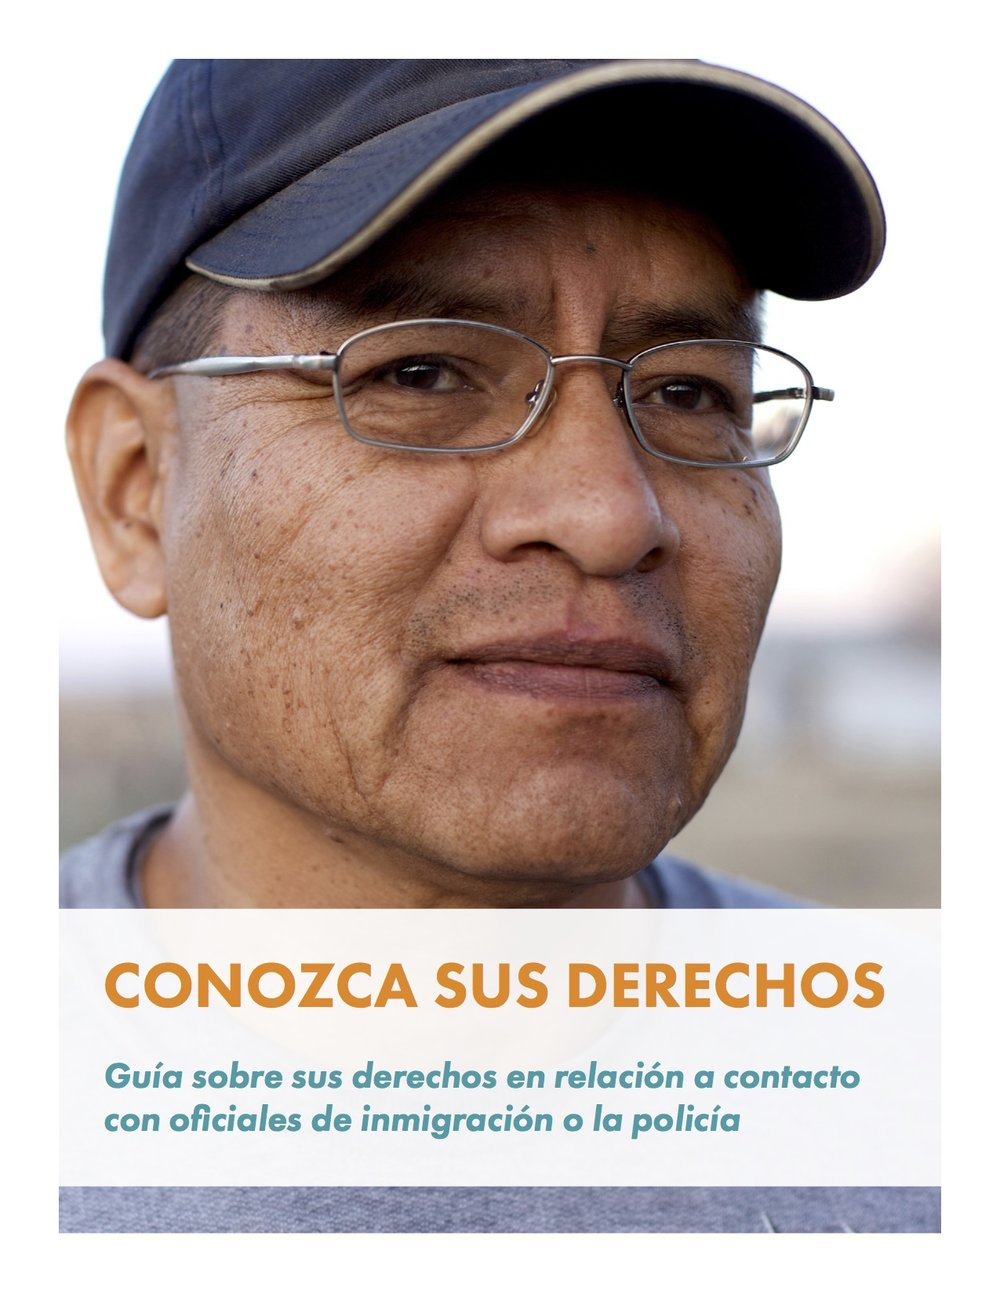 Deseas saber tus derechos? contactanos en info@lapuertawaco.com